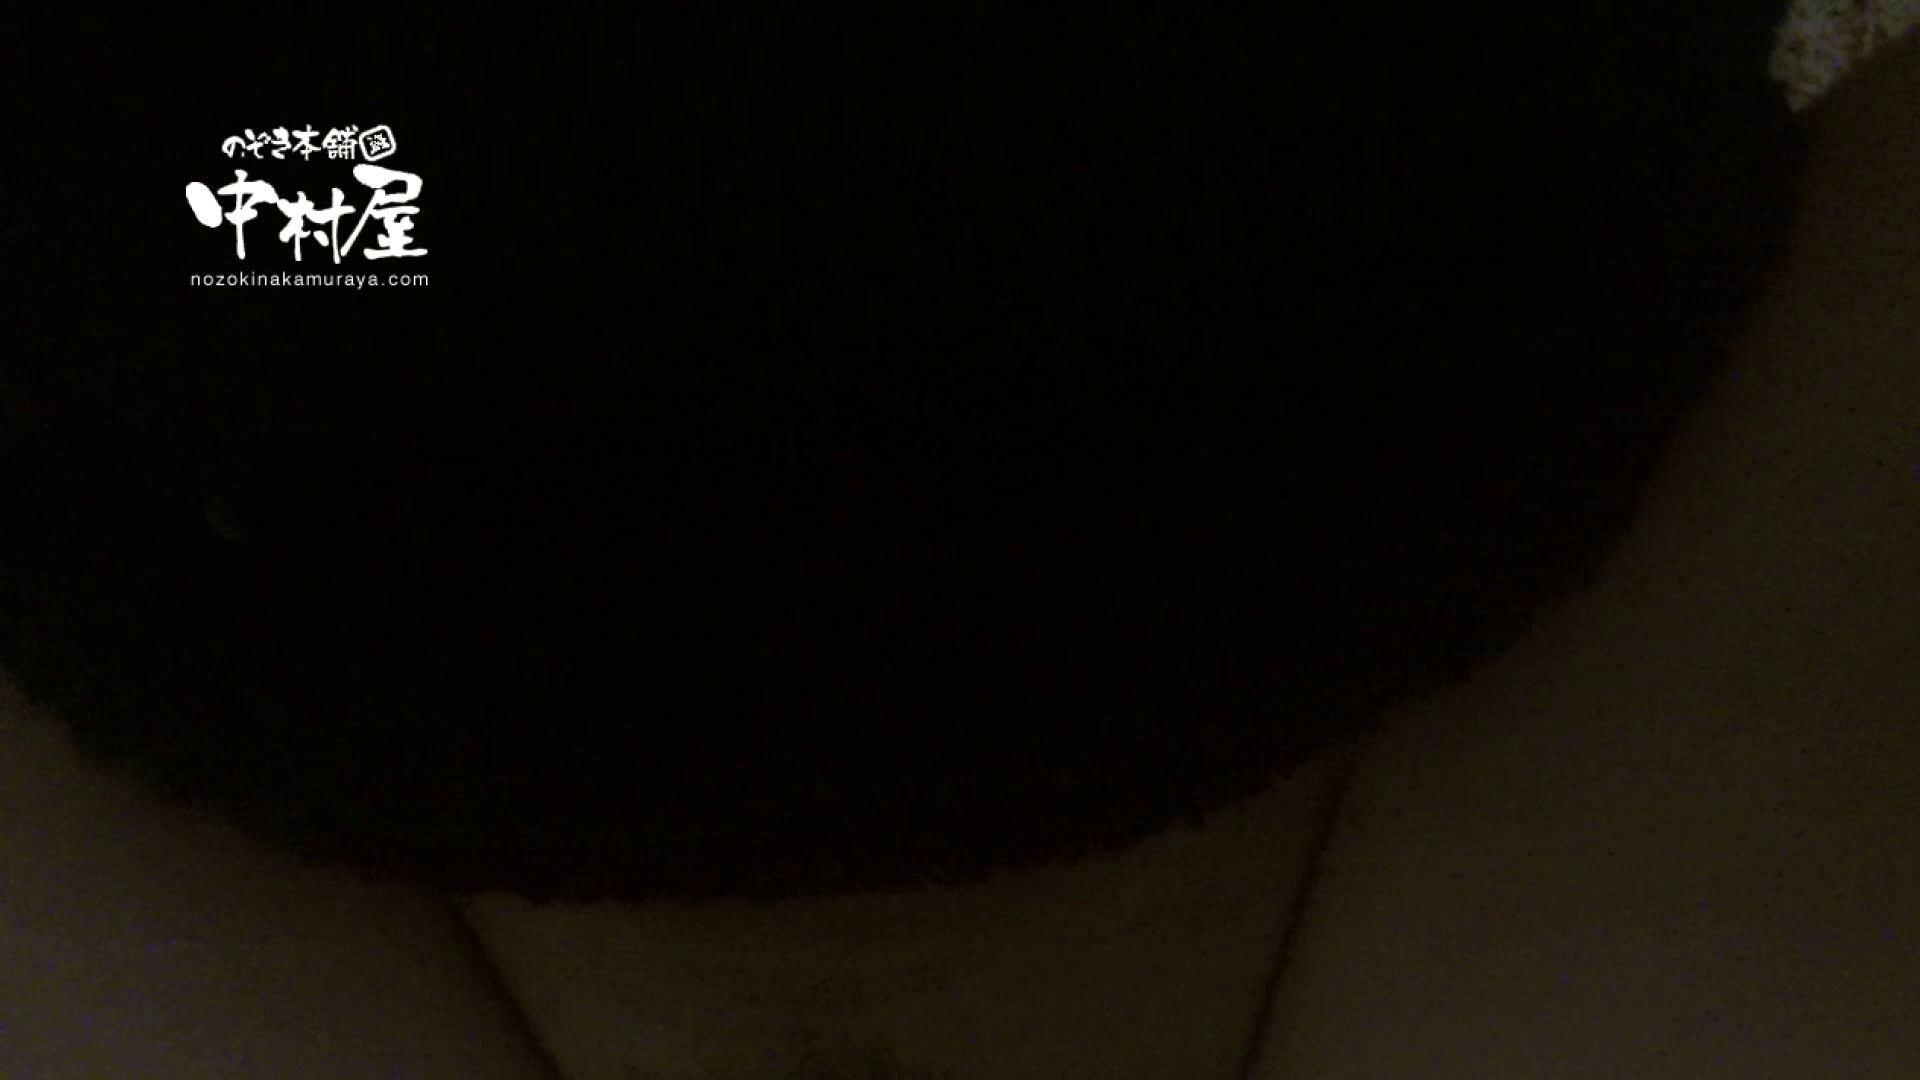 鬼畜 vol.06 中出し処刑! 後編 鬼畜 盗撮動画紹介 96pic 59